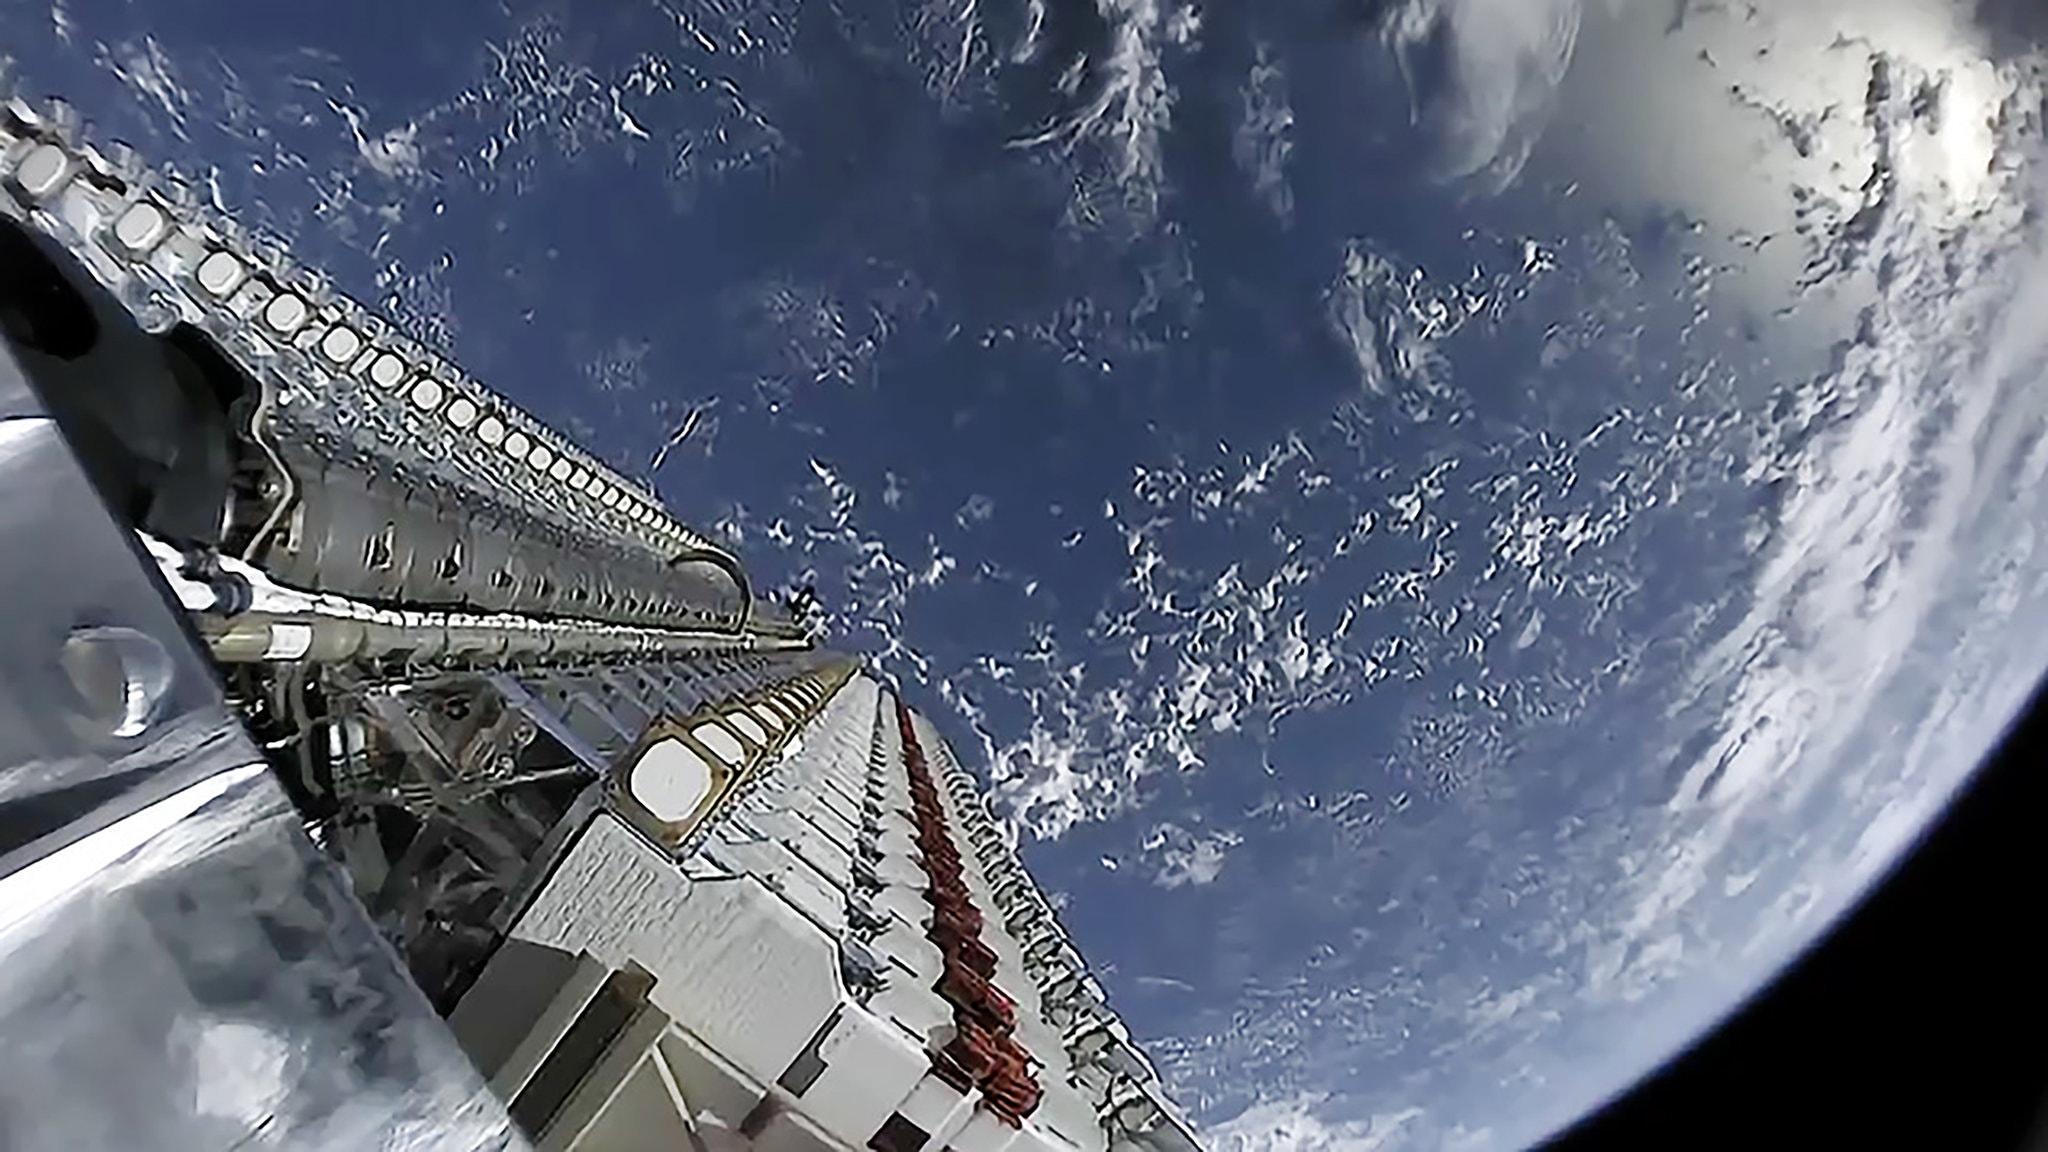 Астрономы считают, что спутники связи SpaceX, OneWeb и других компаний угрожают будущему астрономии